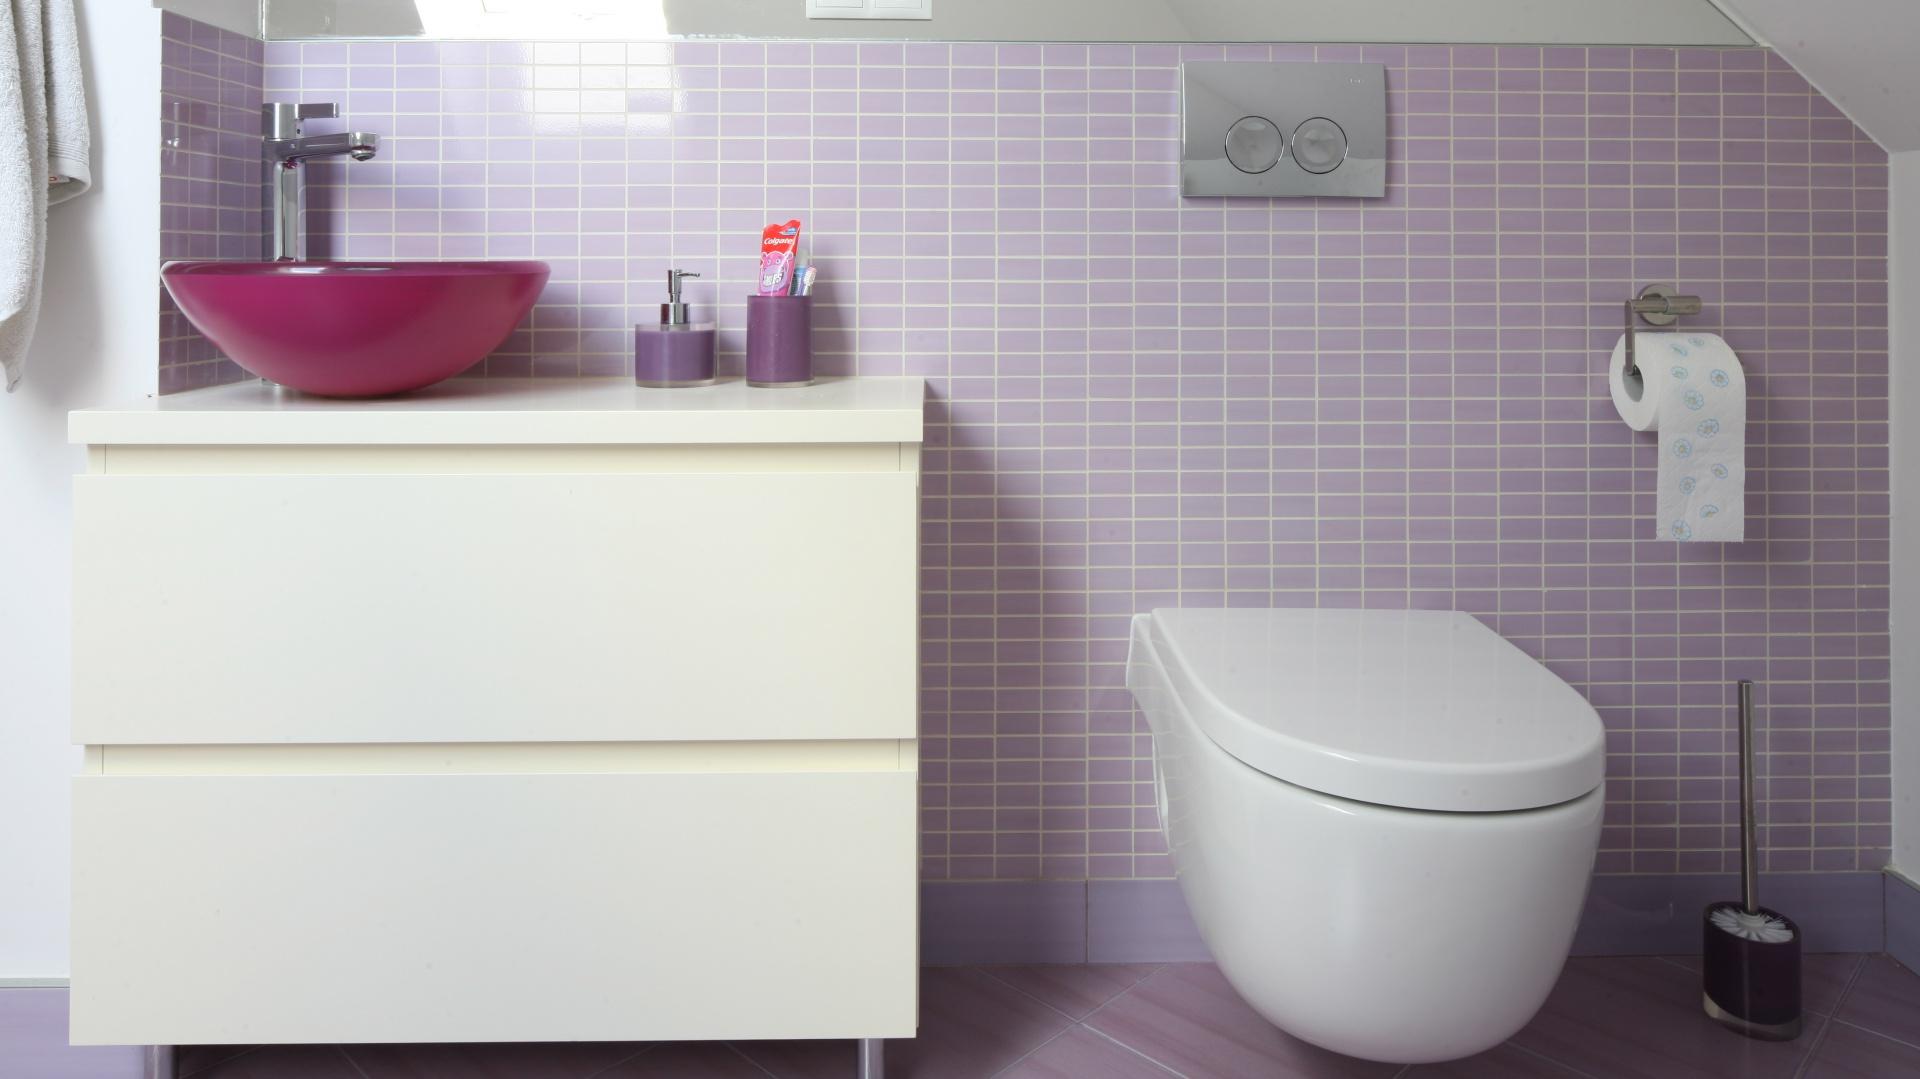 W łazience królują fioletowe i różowe odcienie przełamane bielą. Umywalka w malinowym kolorze kontrastuje z bielą szafki i ceramiki sanitarnej. Fot. Bartosz Jarosz.